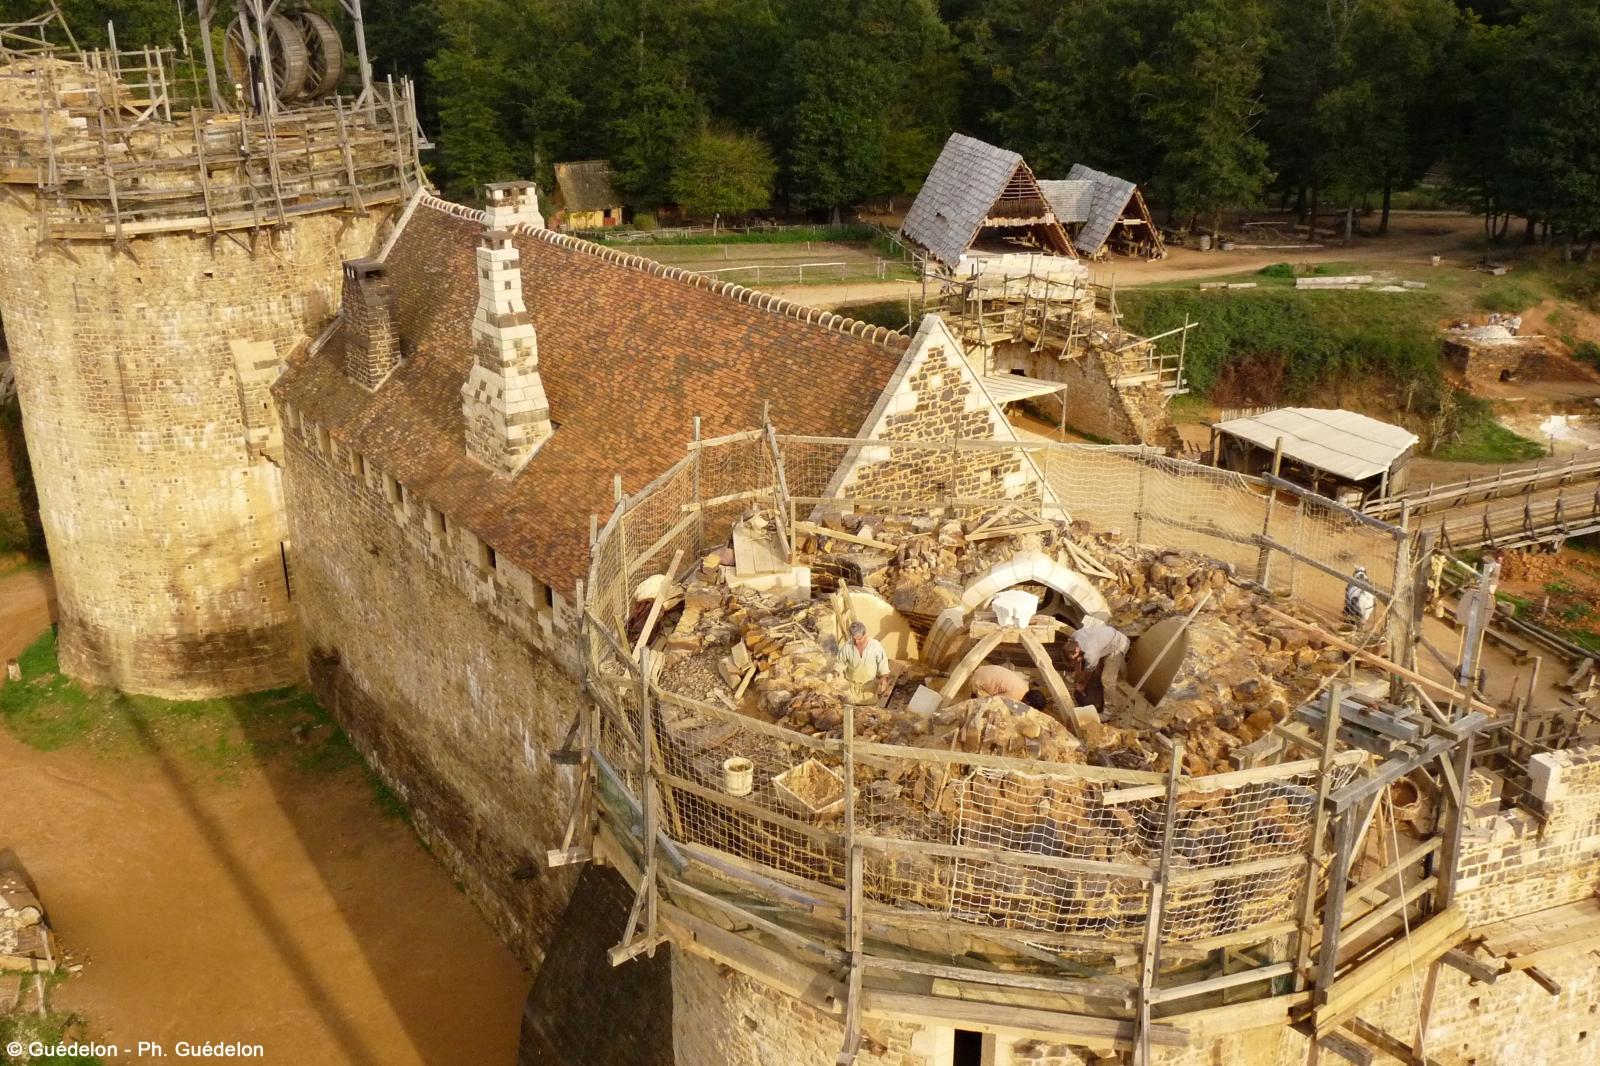 el castillo de guedelon 4